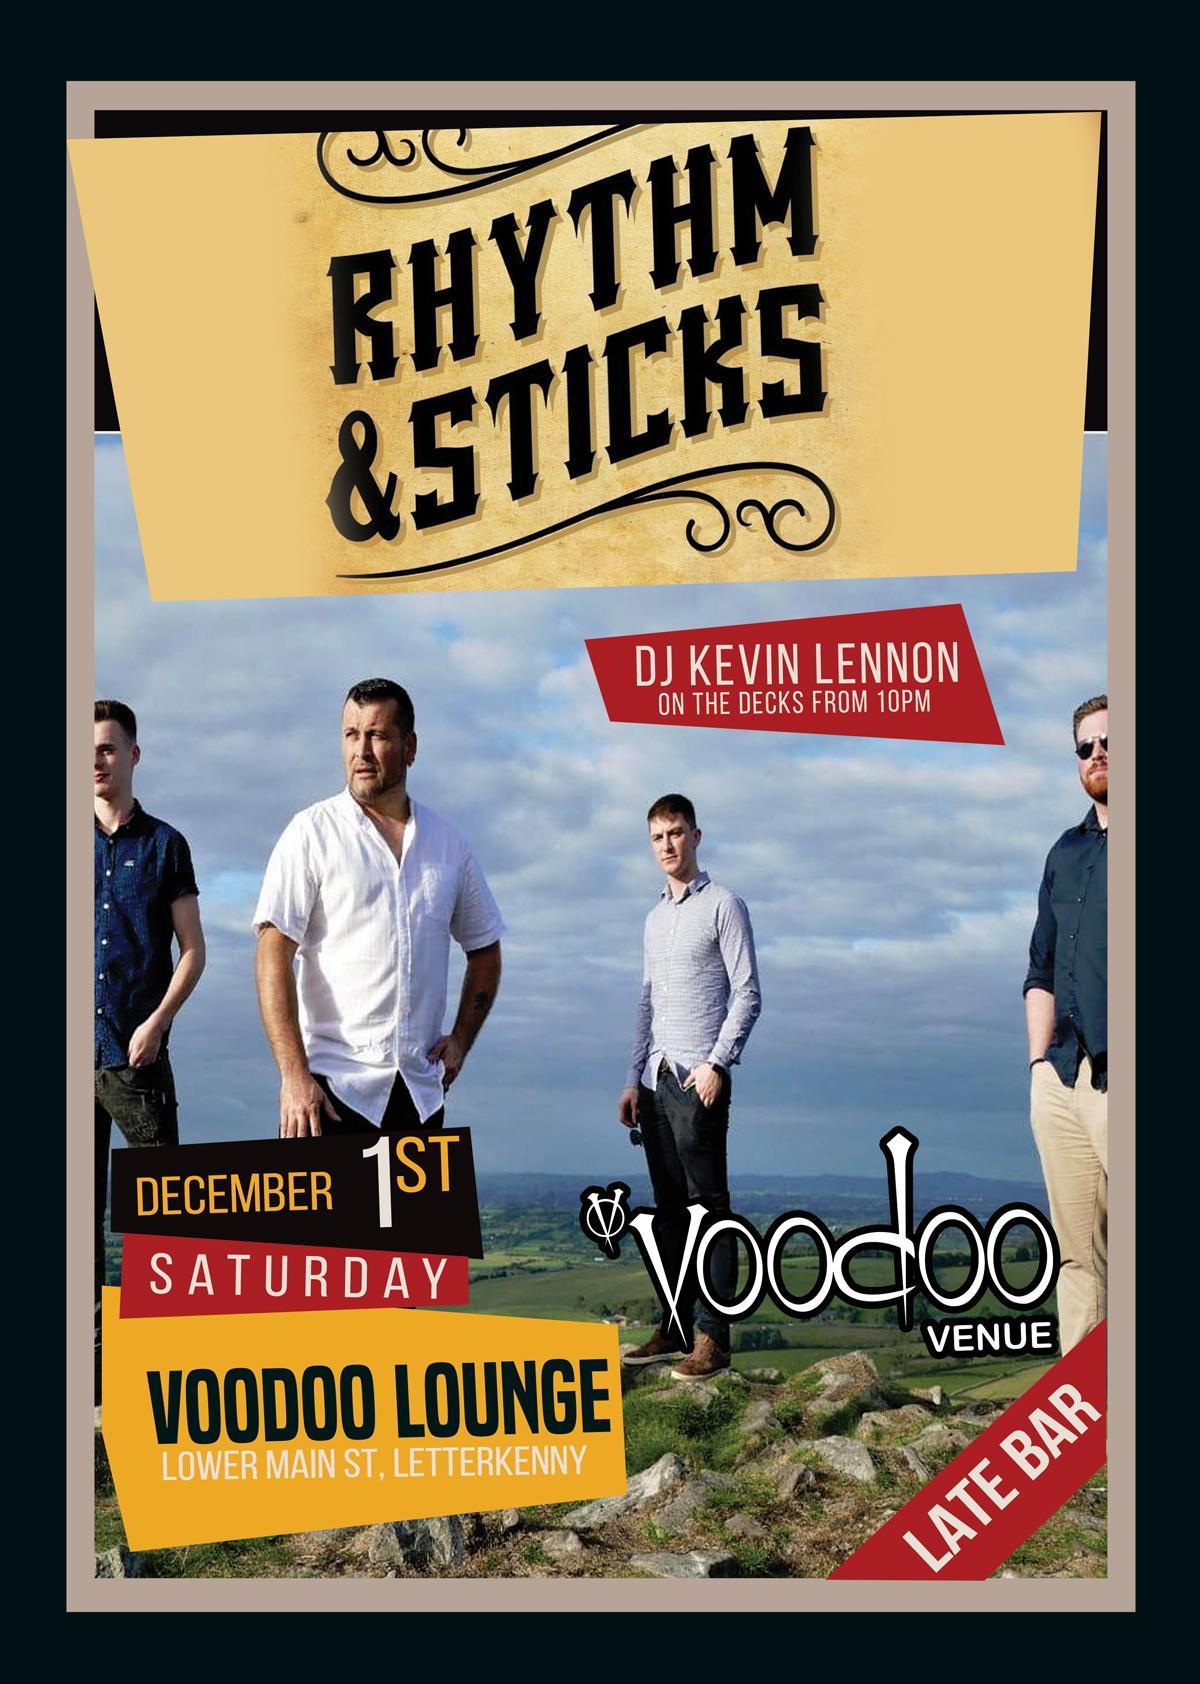 VOODOO-VENUE---rhymn-and-sticks-sat-dec-1-2018.jpg